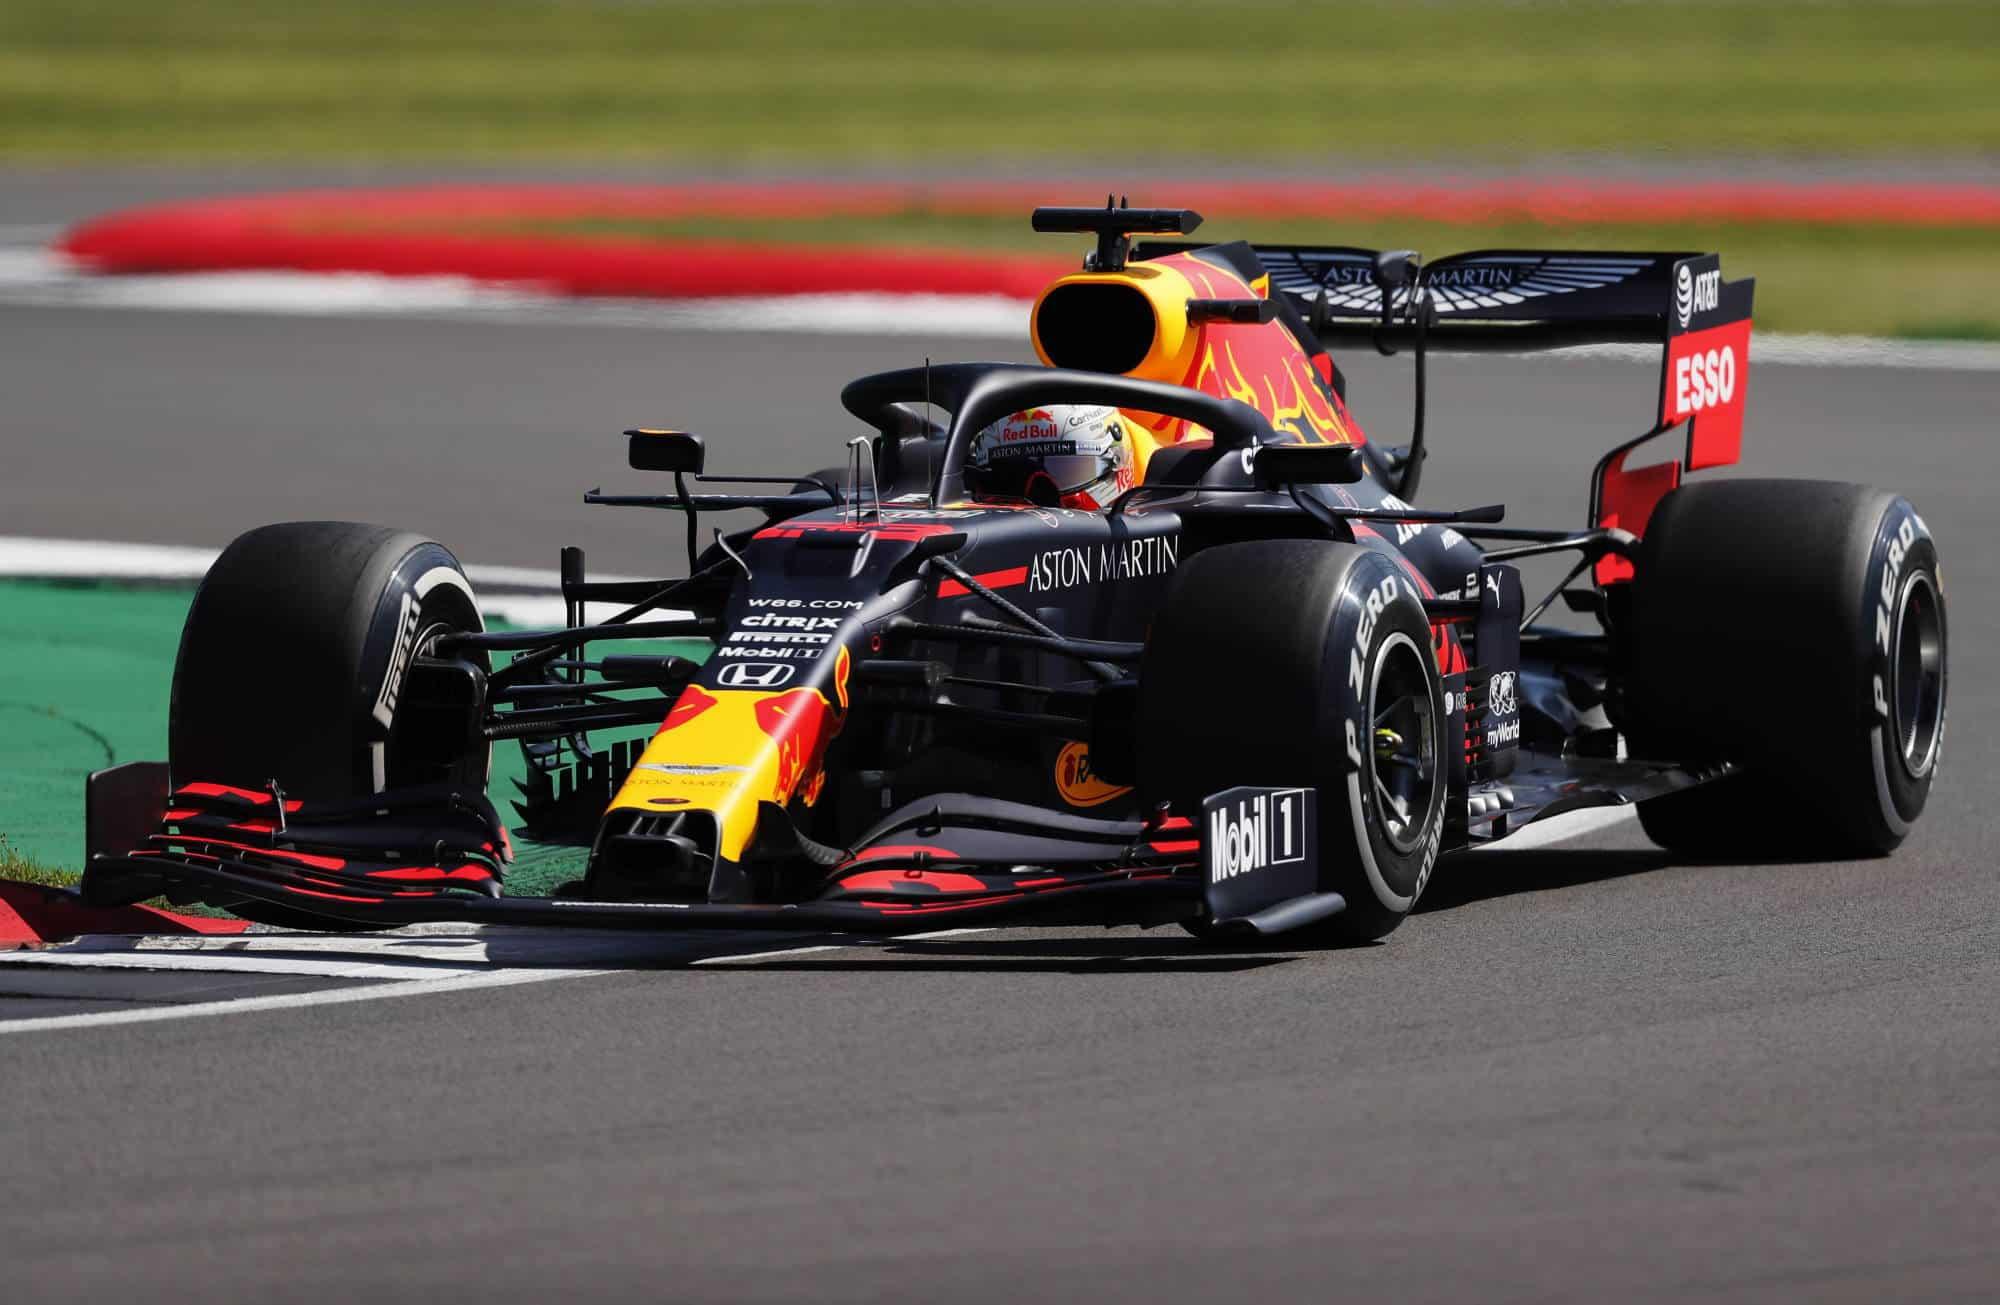 2020 British GP Verstappen Red Bull hard Pirelli Photo Red Bull